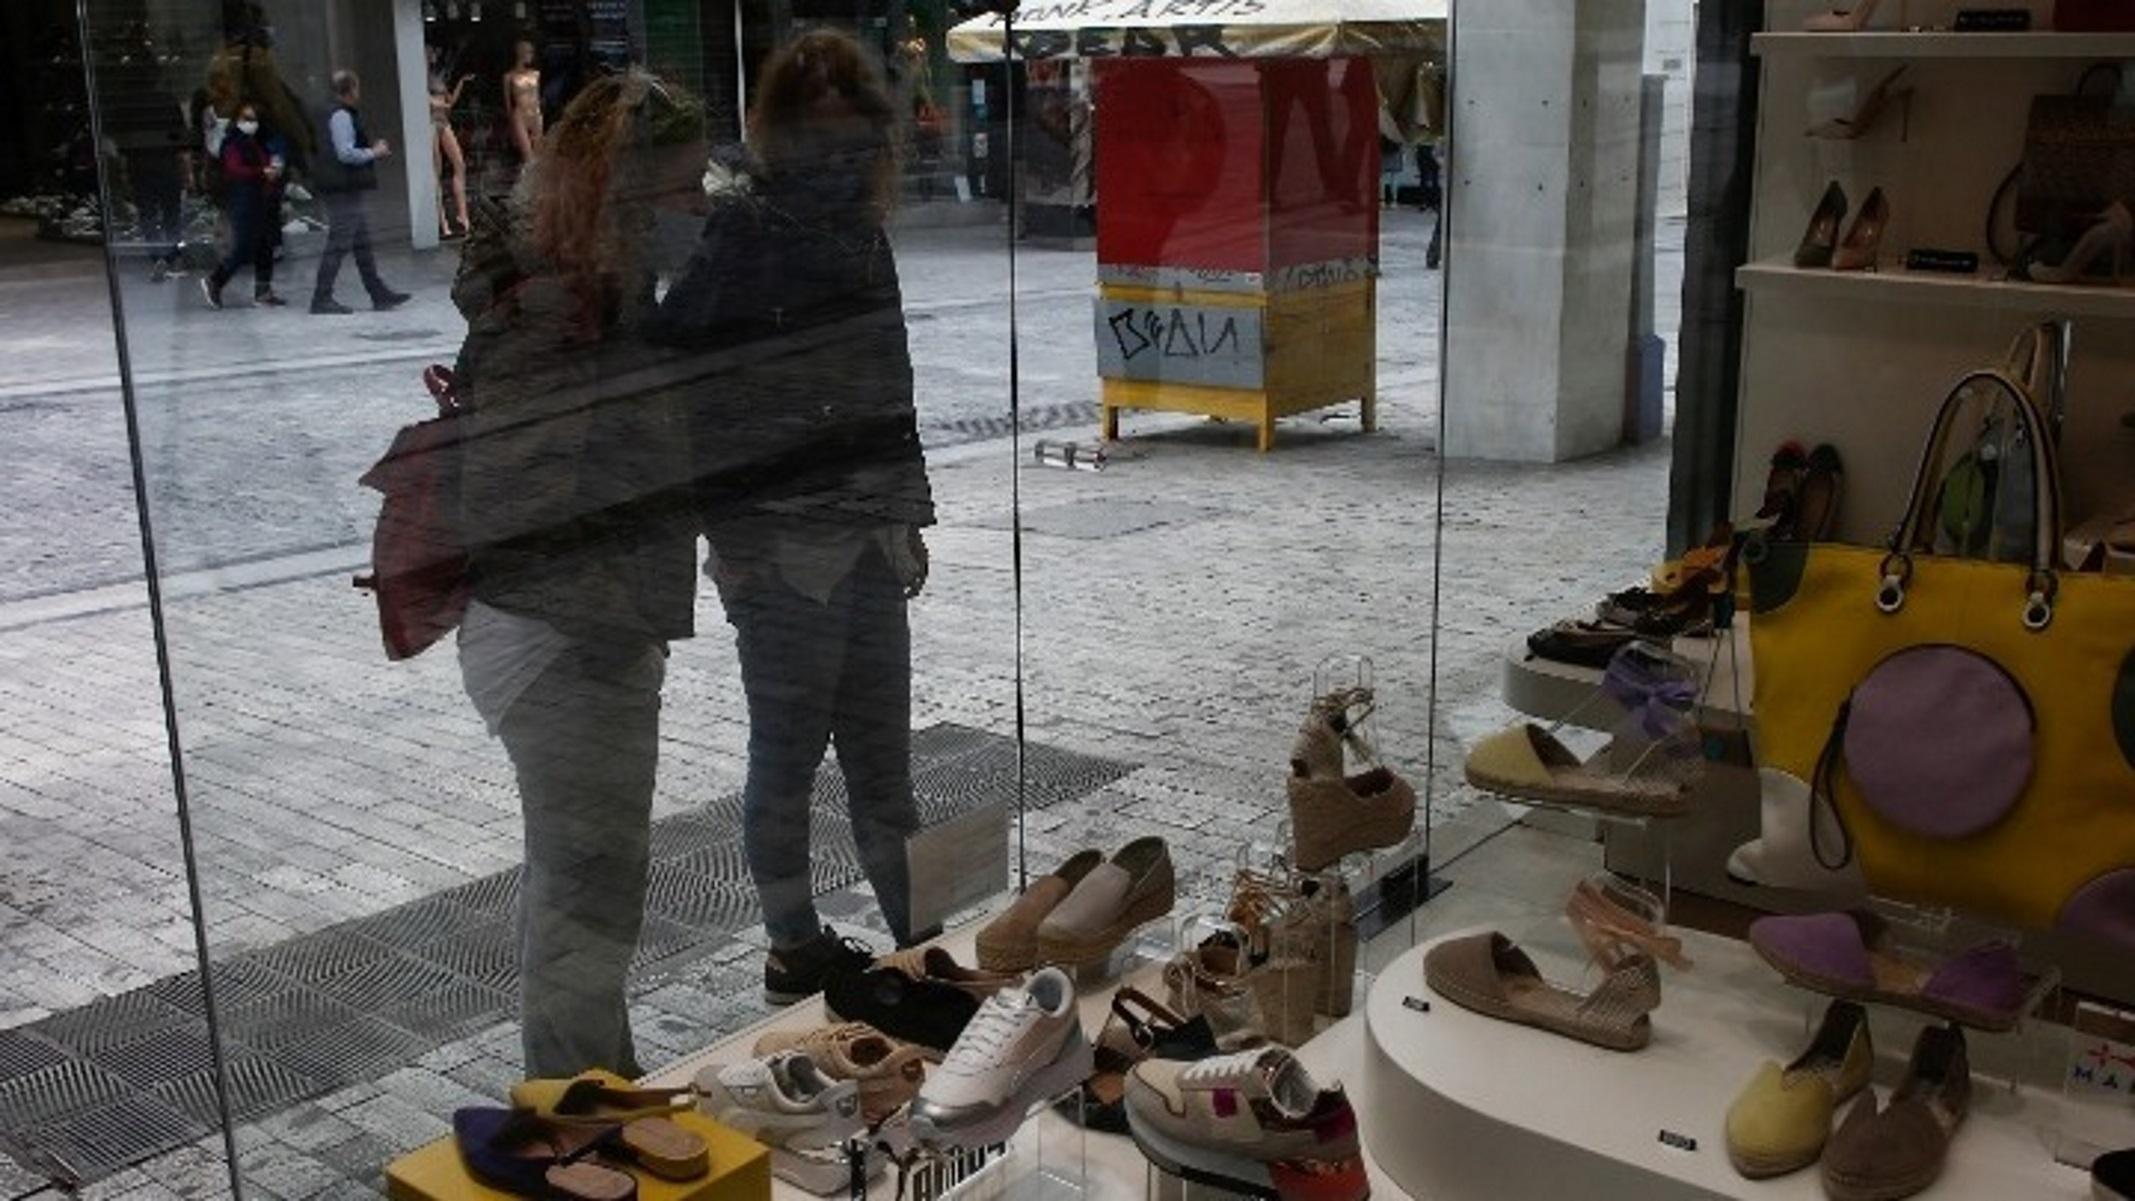 Αγίου Πνεύματος: Πώς θα λειτουργήσουν σούπερ μάρκετ και καταστήματα